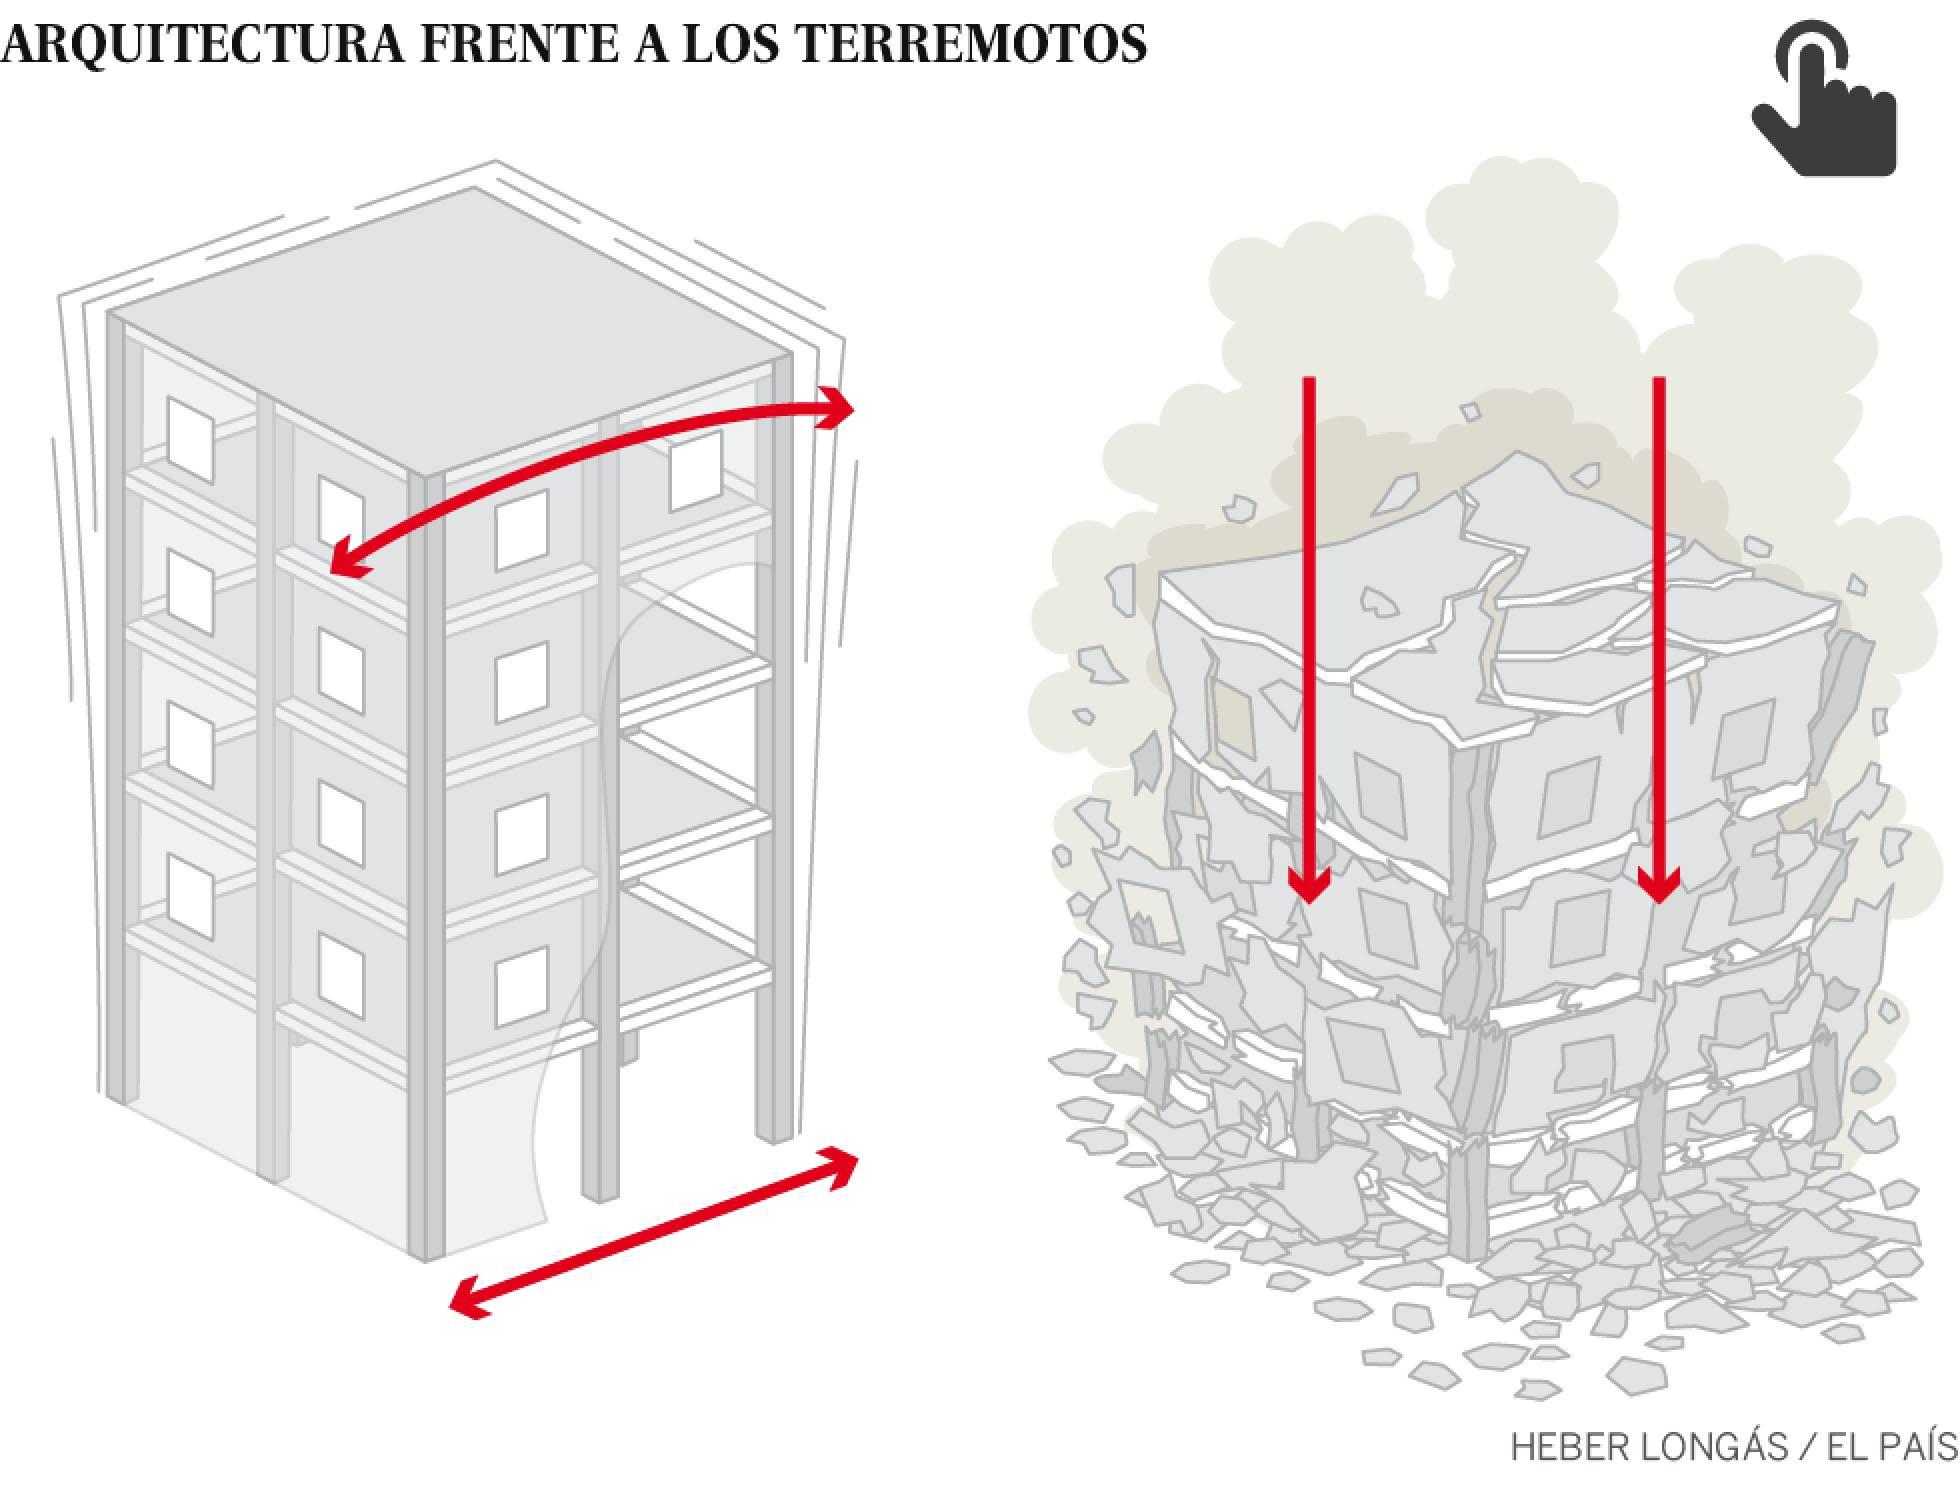 Foto: Heber Longás (El País)